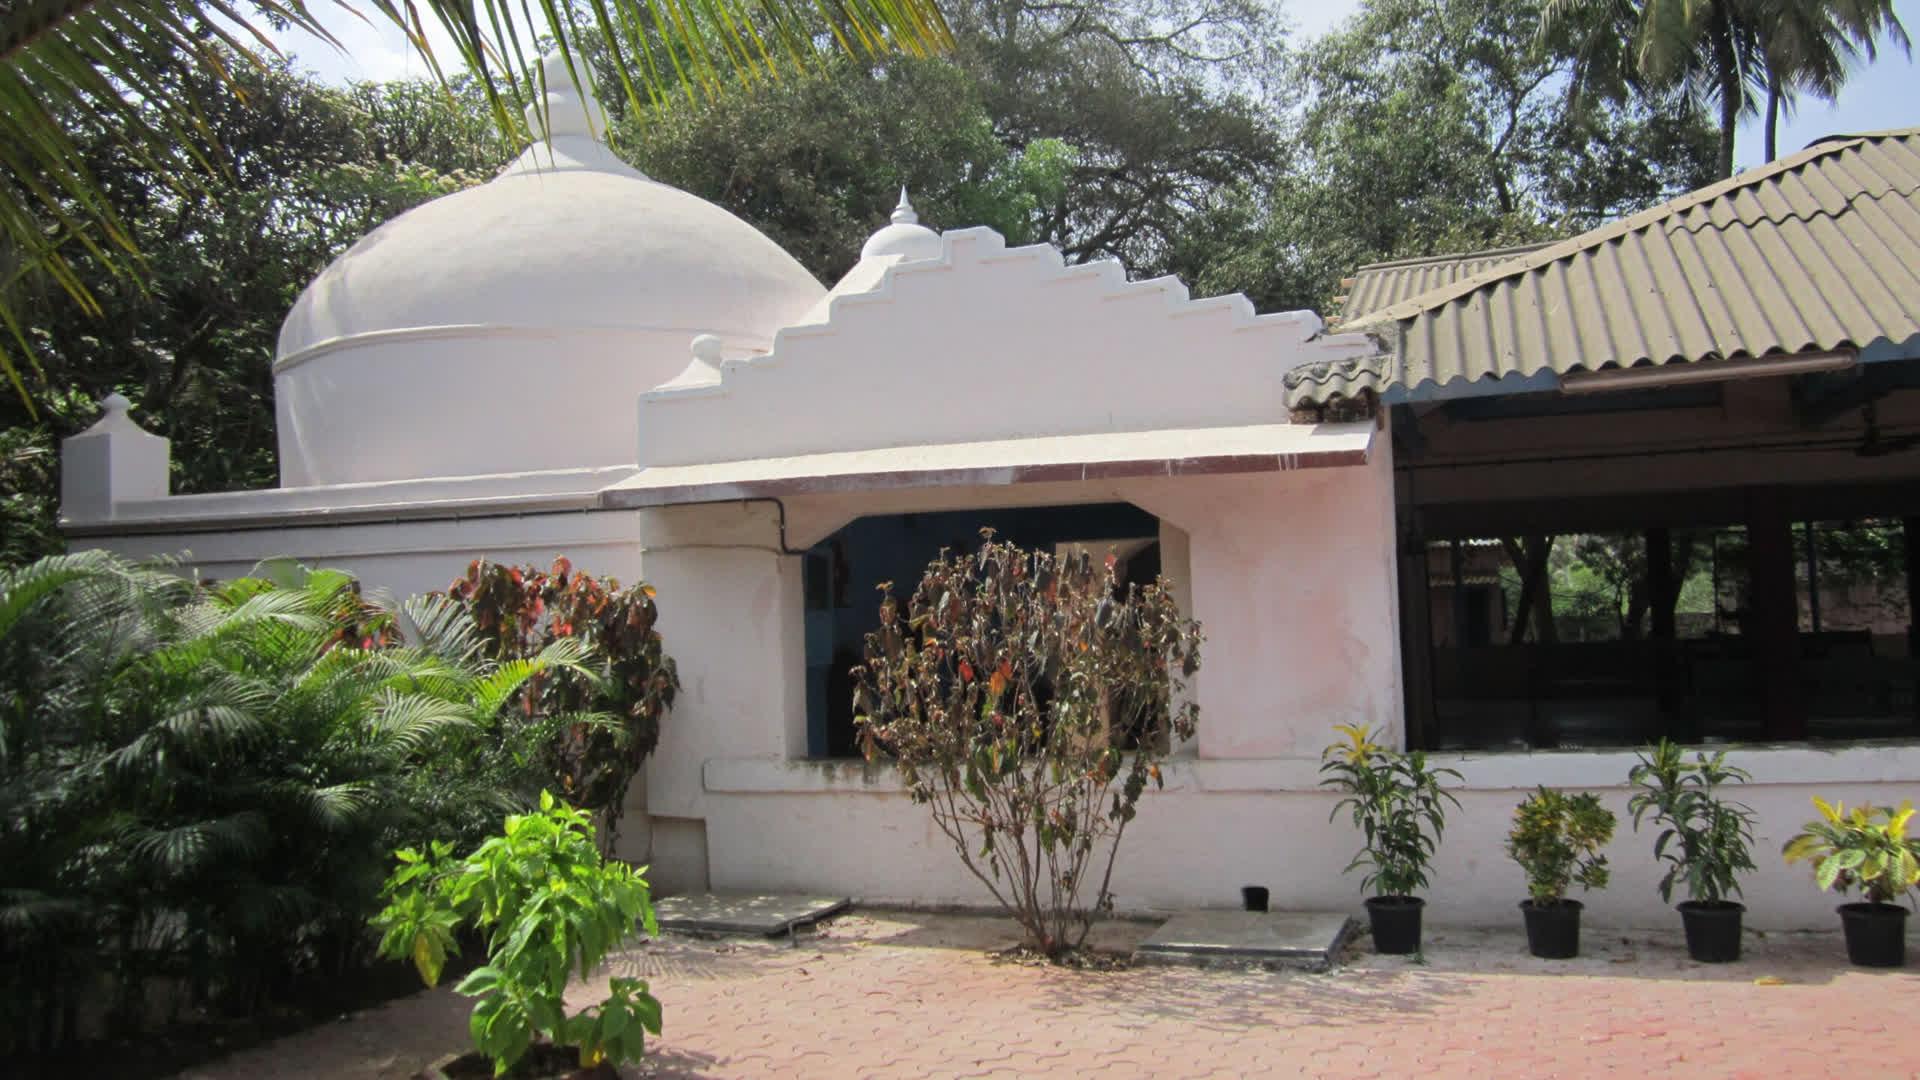 The Secrets of Mumbai's Ram Mandir